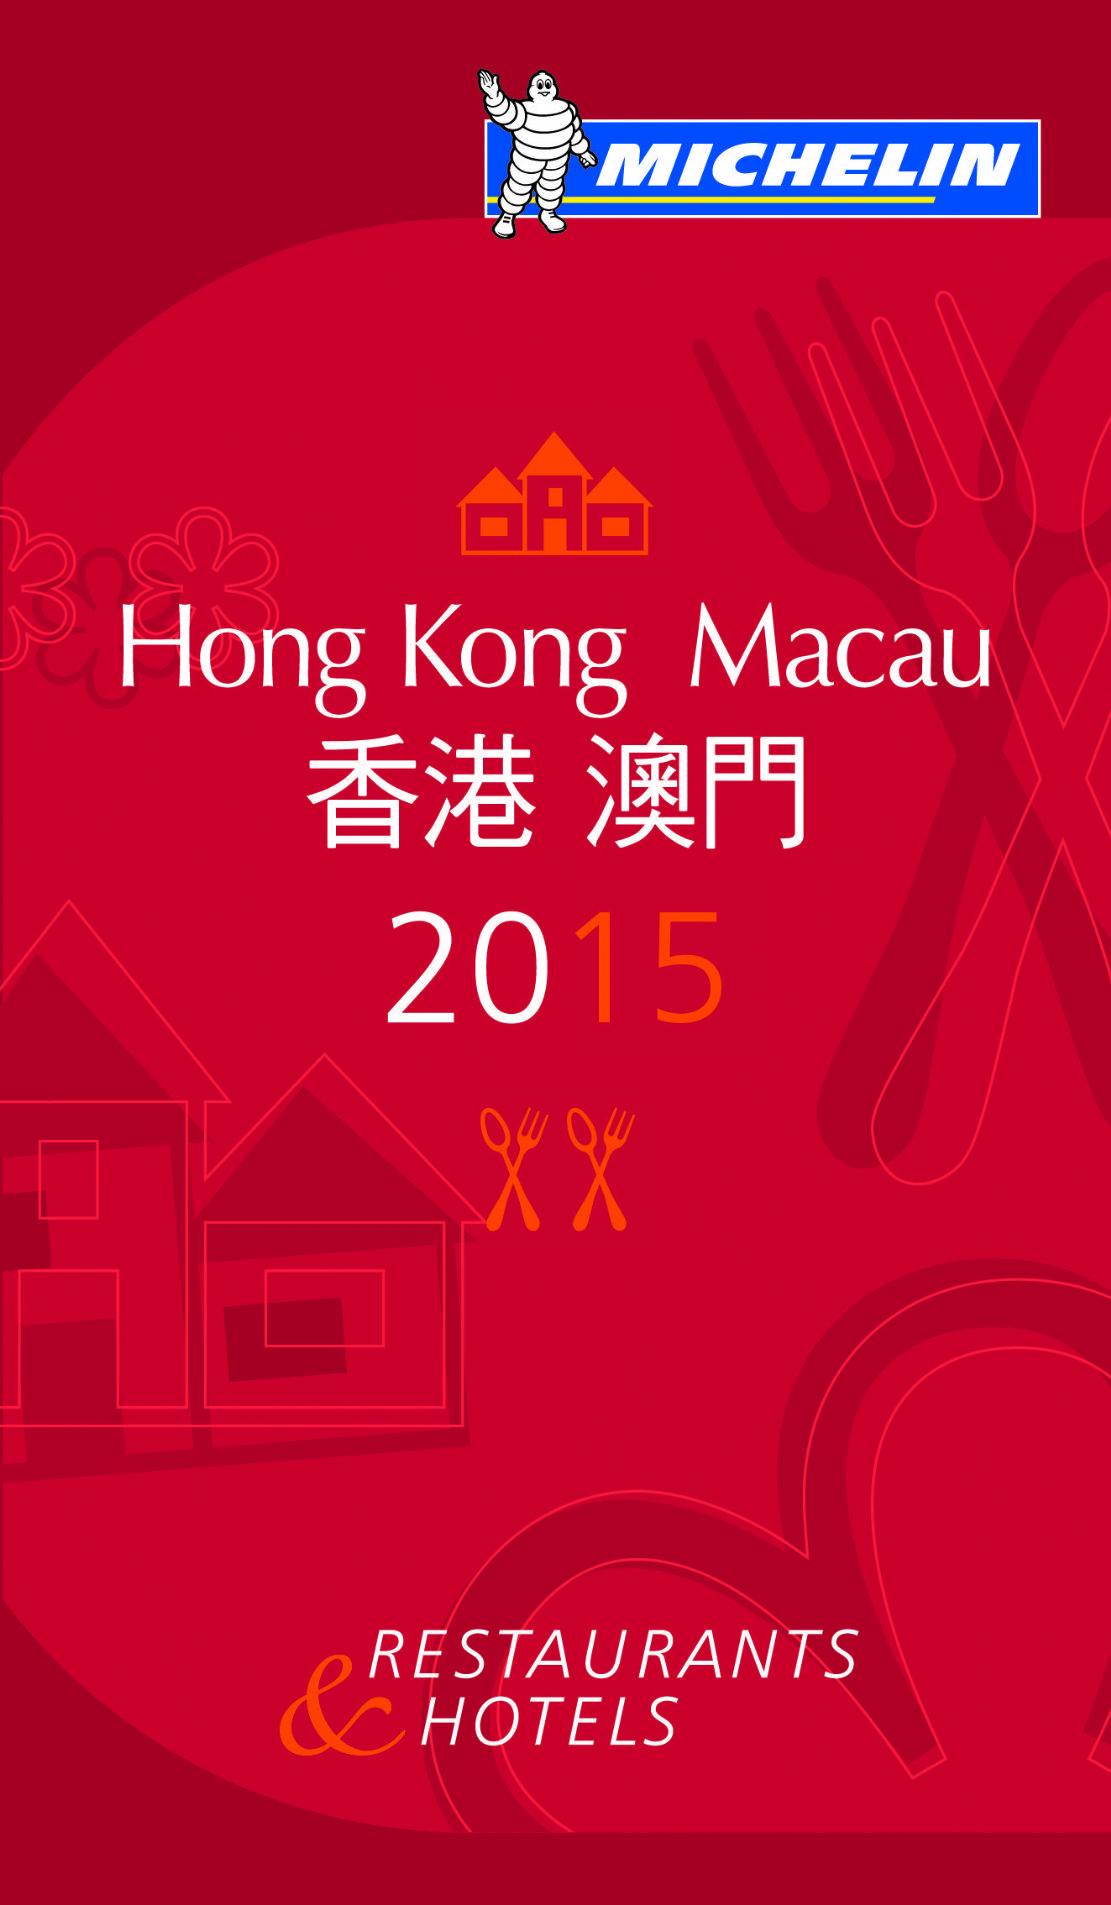 Hong-Kong-Macau-2015-in-English-Michelin-Guide-1494-p